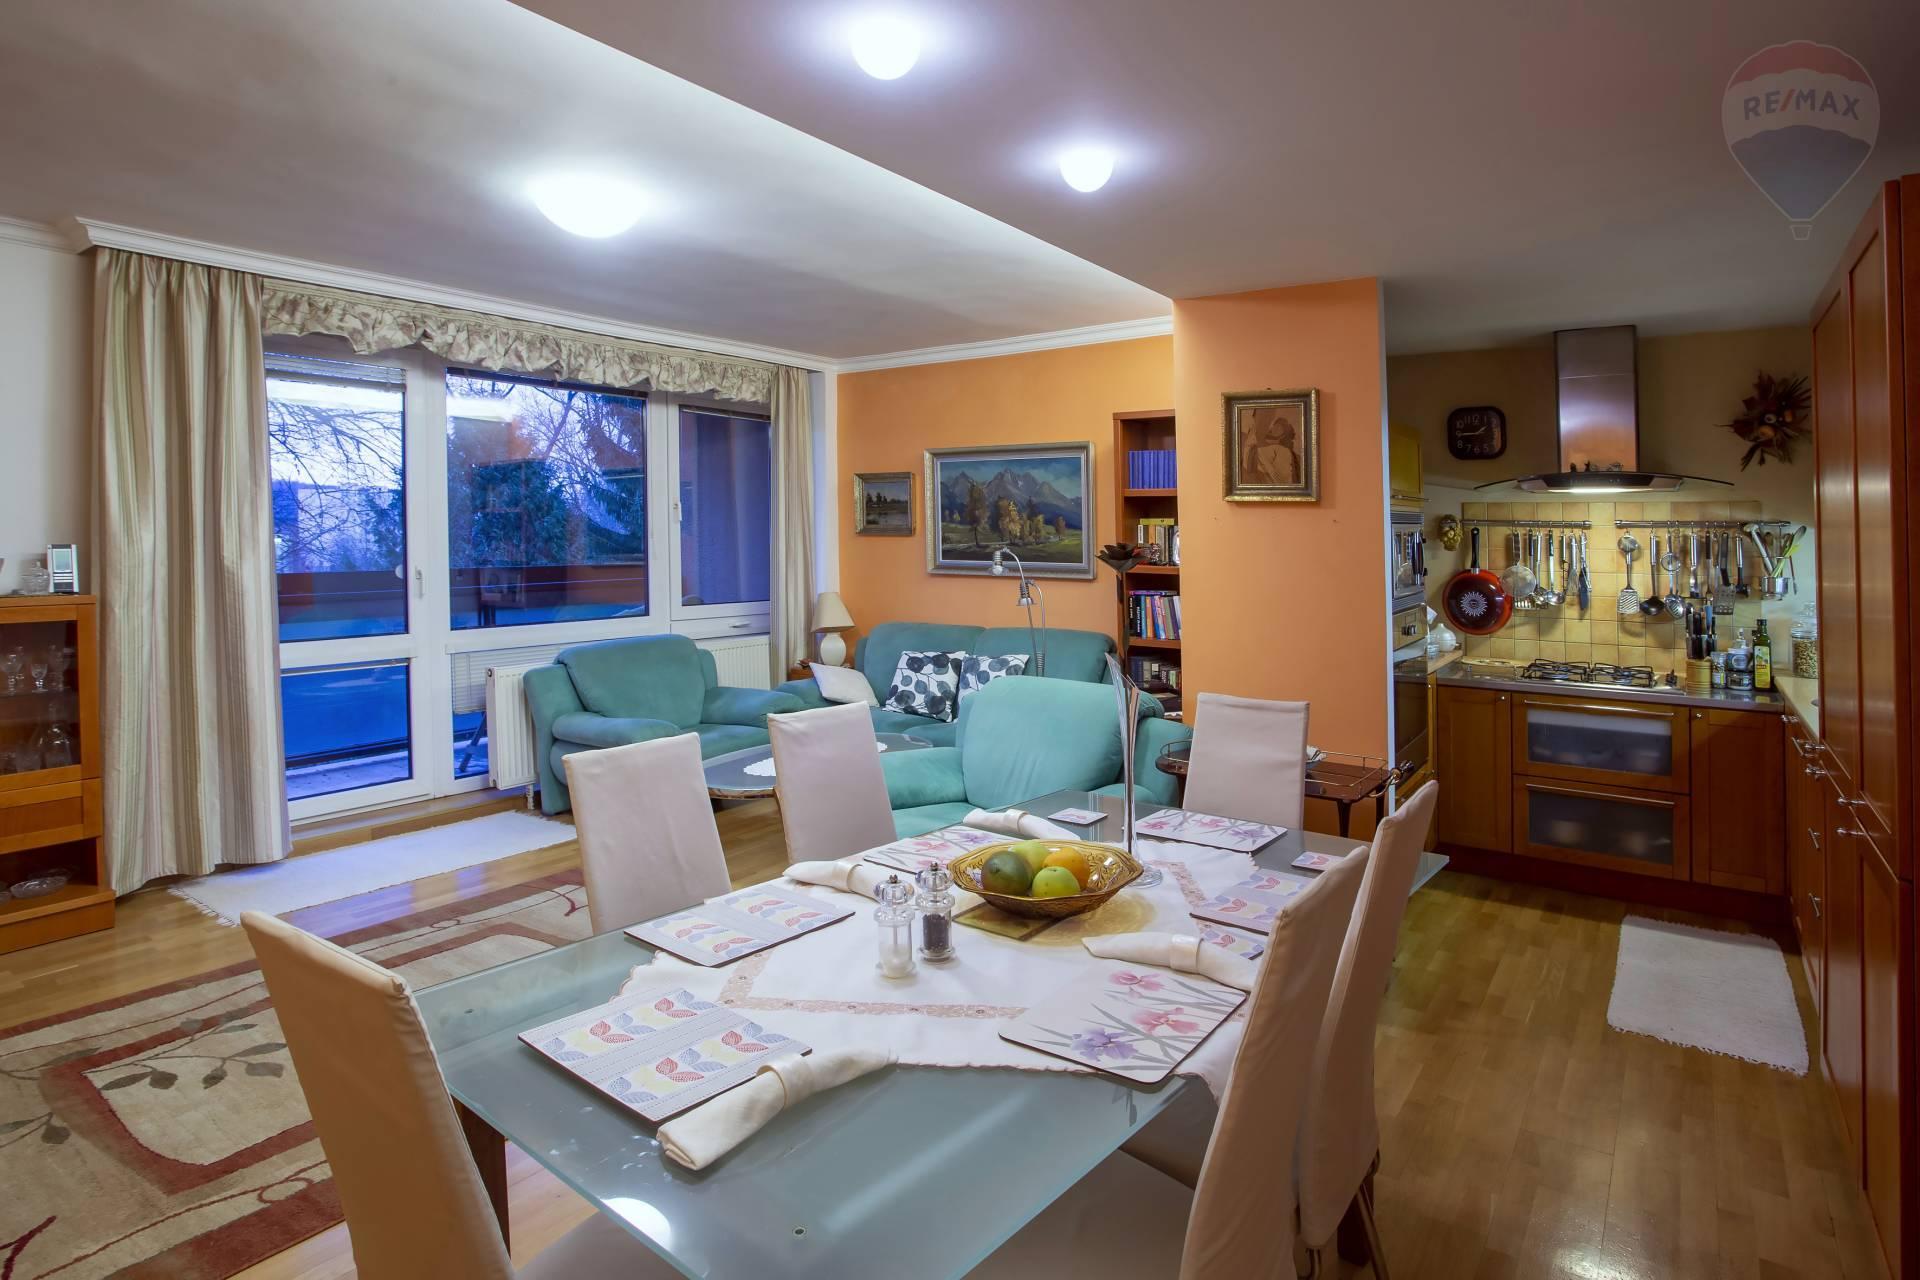 PREDAJ: Nadštandardný zrekonštruovaný 4-izbový byt 92m2, Kimovská ulica, Zvolen-centrum